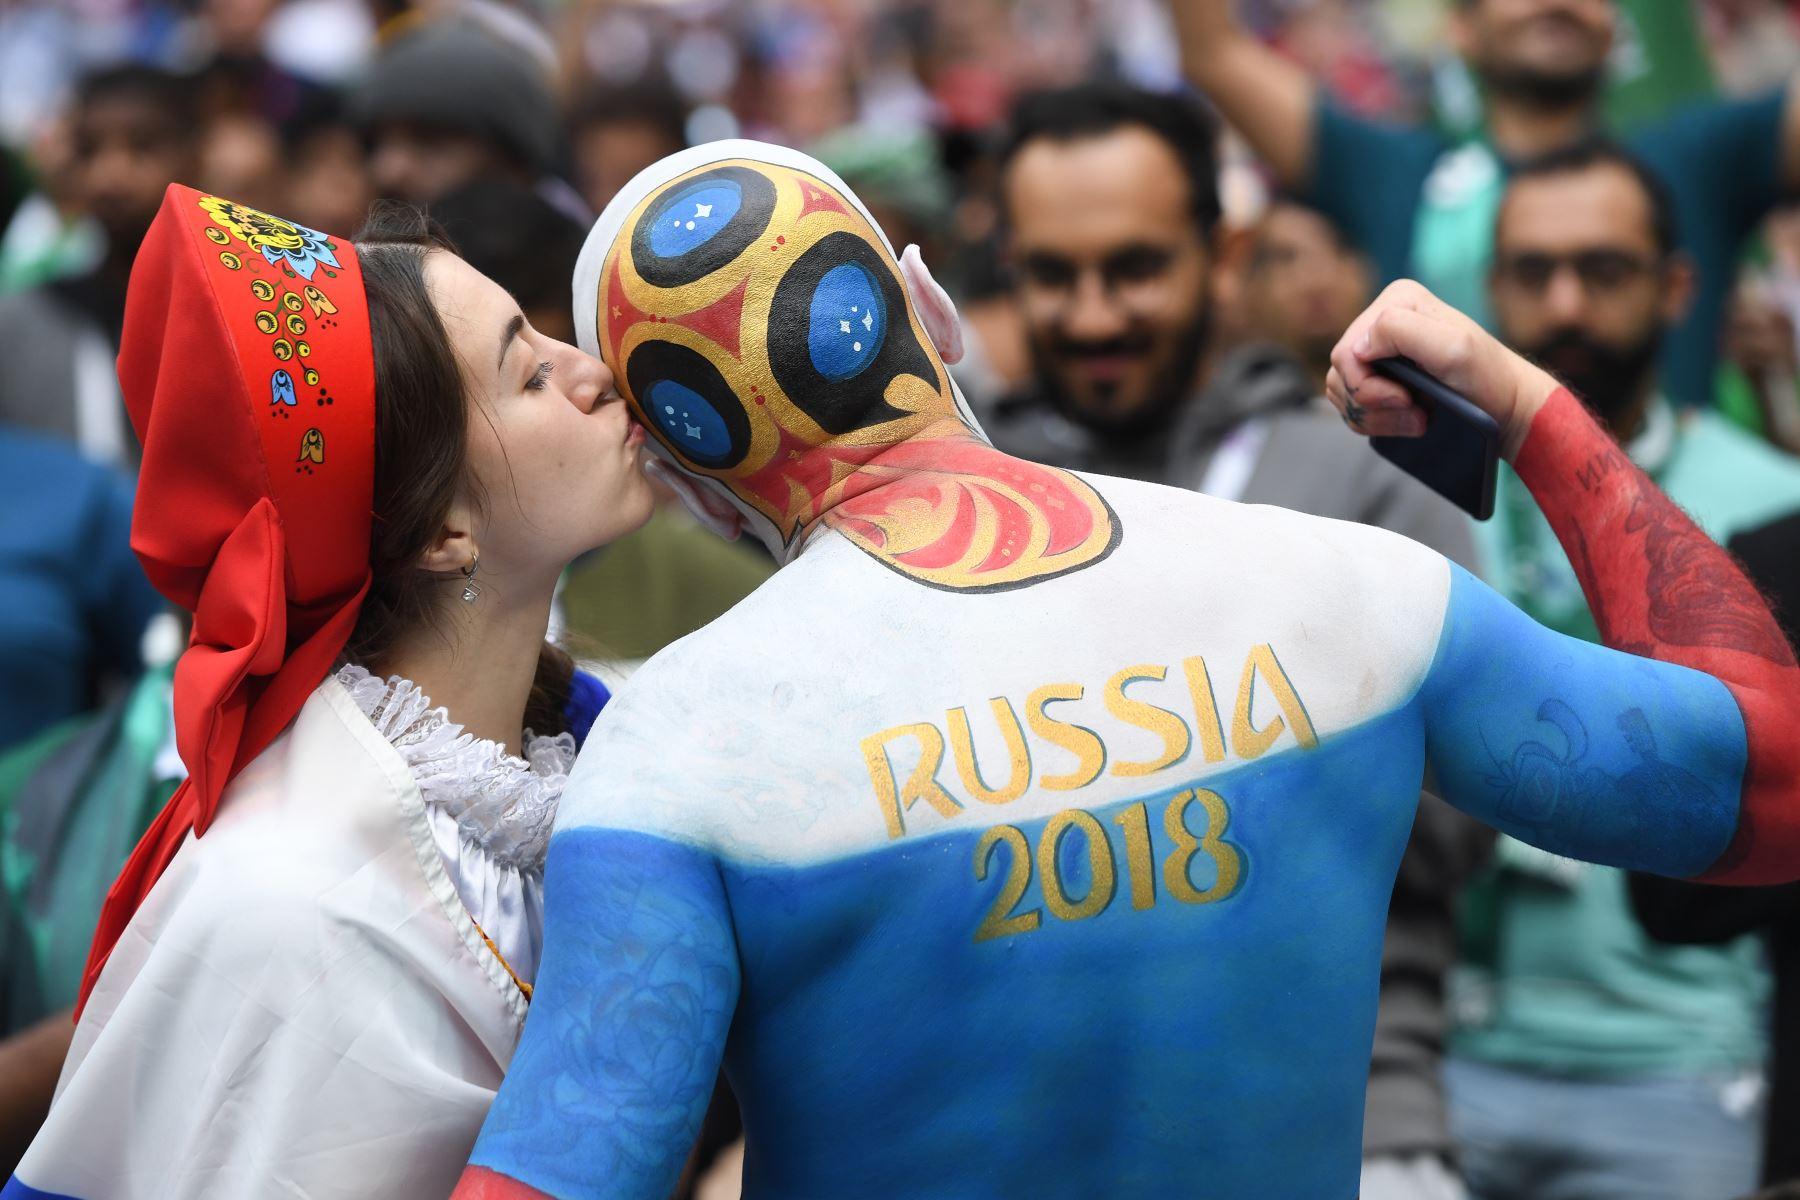 Fanático de Rusia besa a otro seguidor antes del comienzo del partido de fútbol del Grupo A de la Copa Mundial Rusia 2018 entre Rusia y Arabia Saudita en el Estadio Luzhniki en Moscú